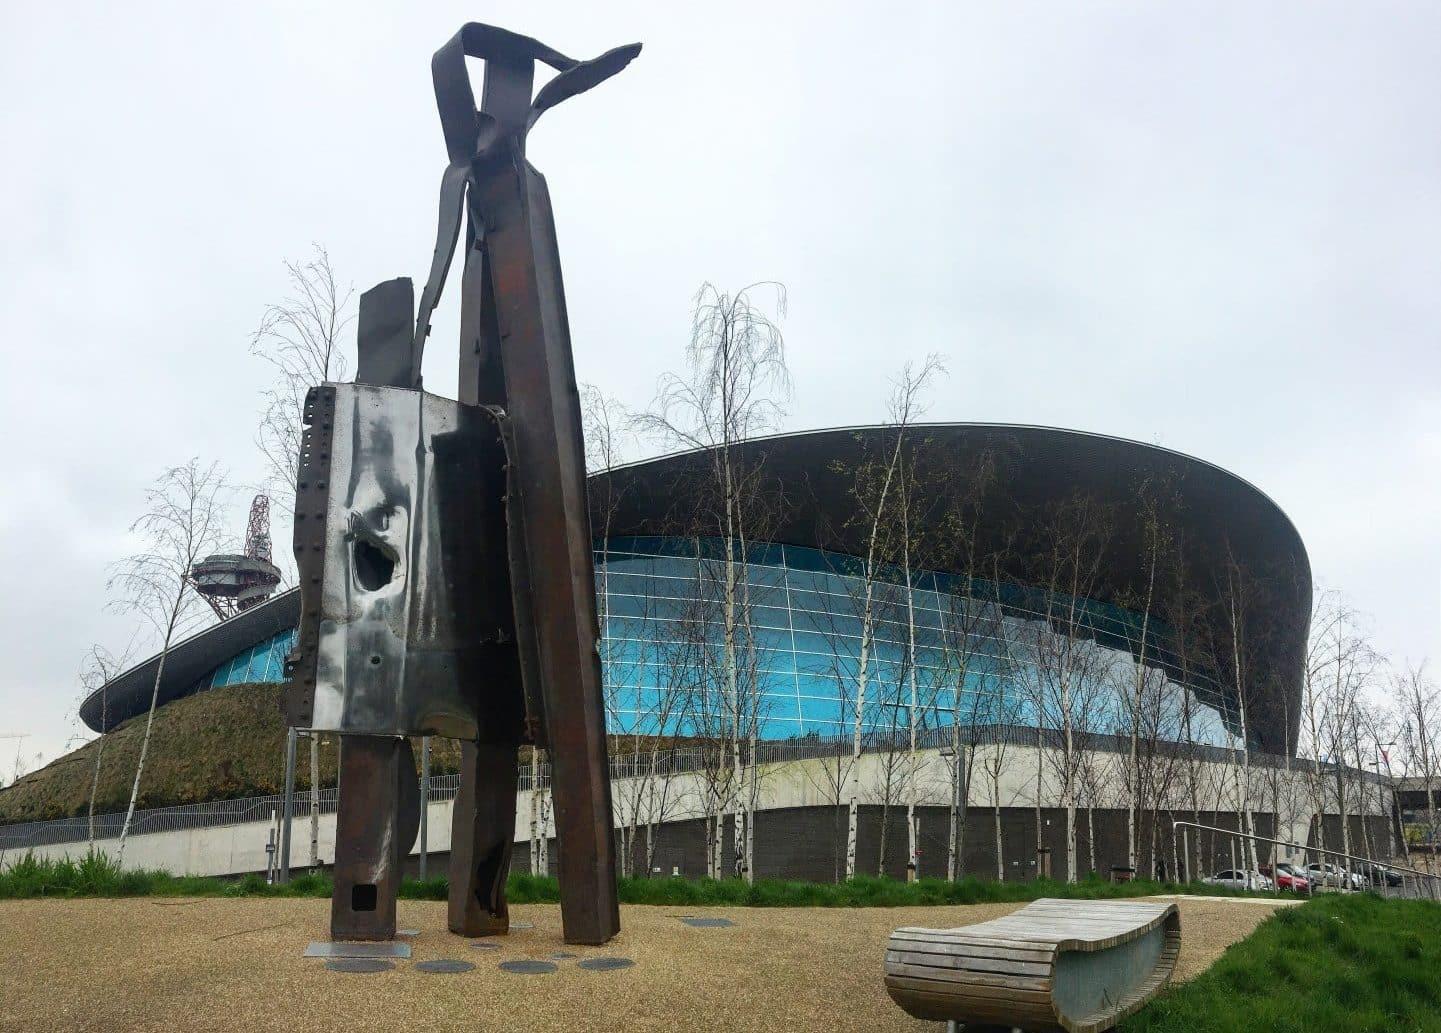 Olympic Park 9/11 Memorial